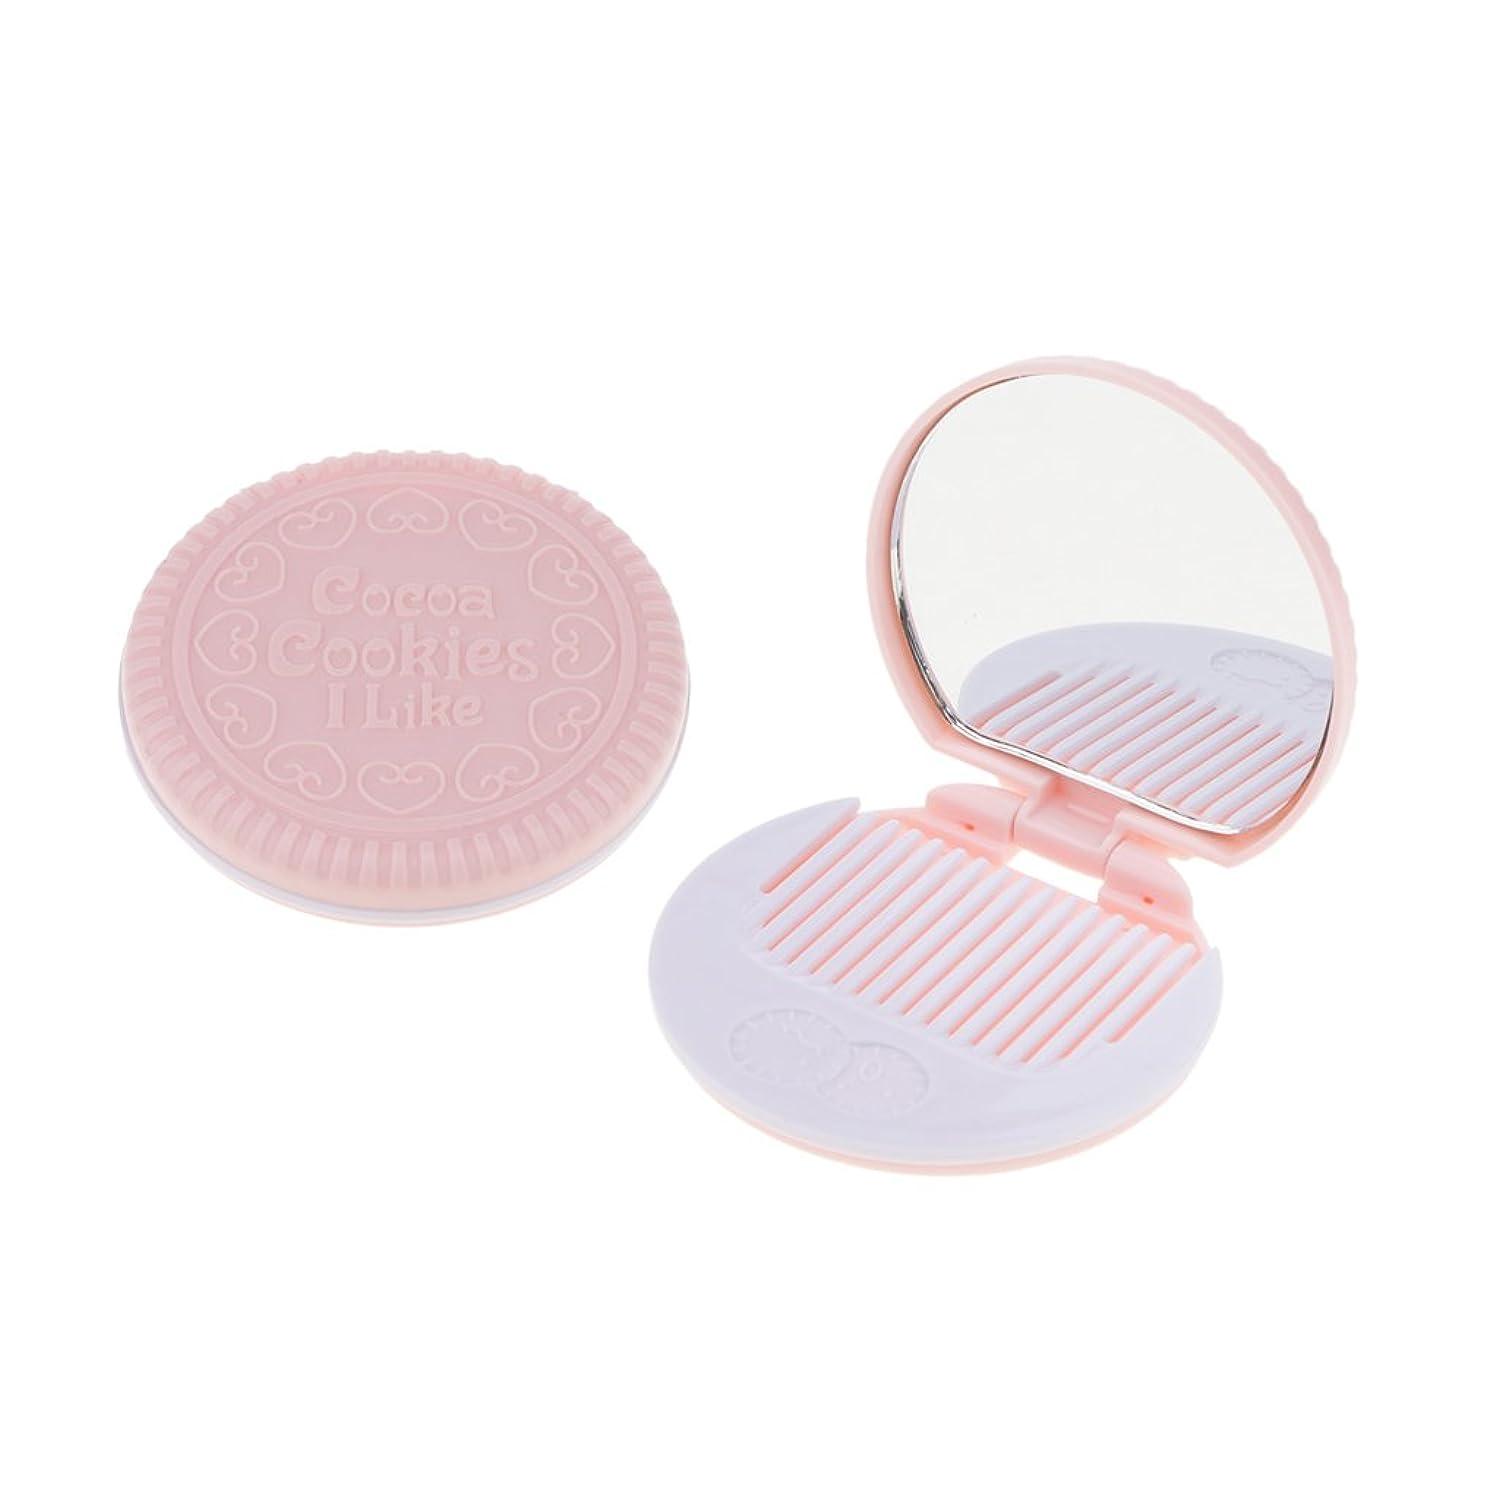 ジャーナル使役つぼみBaosity 2個入 メイクアップミラー 化粧ミラー 化粧鏡 コーム ポケットサイズ 可愛い ラウンド 折りたたみ  全4色   - ピンク